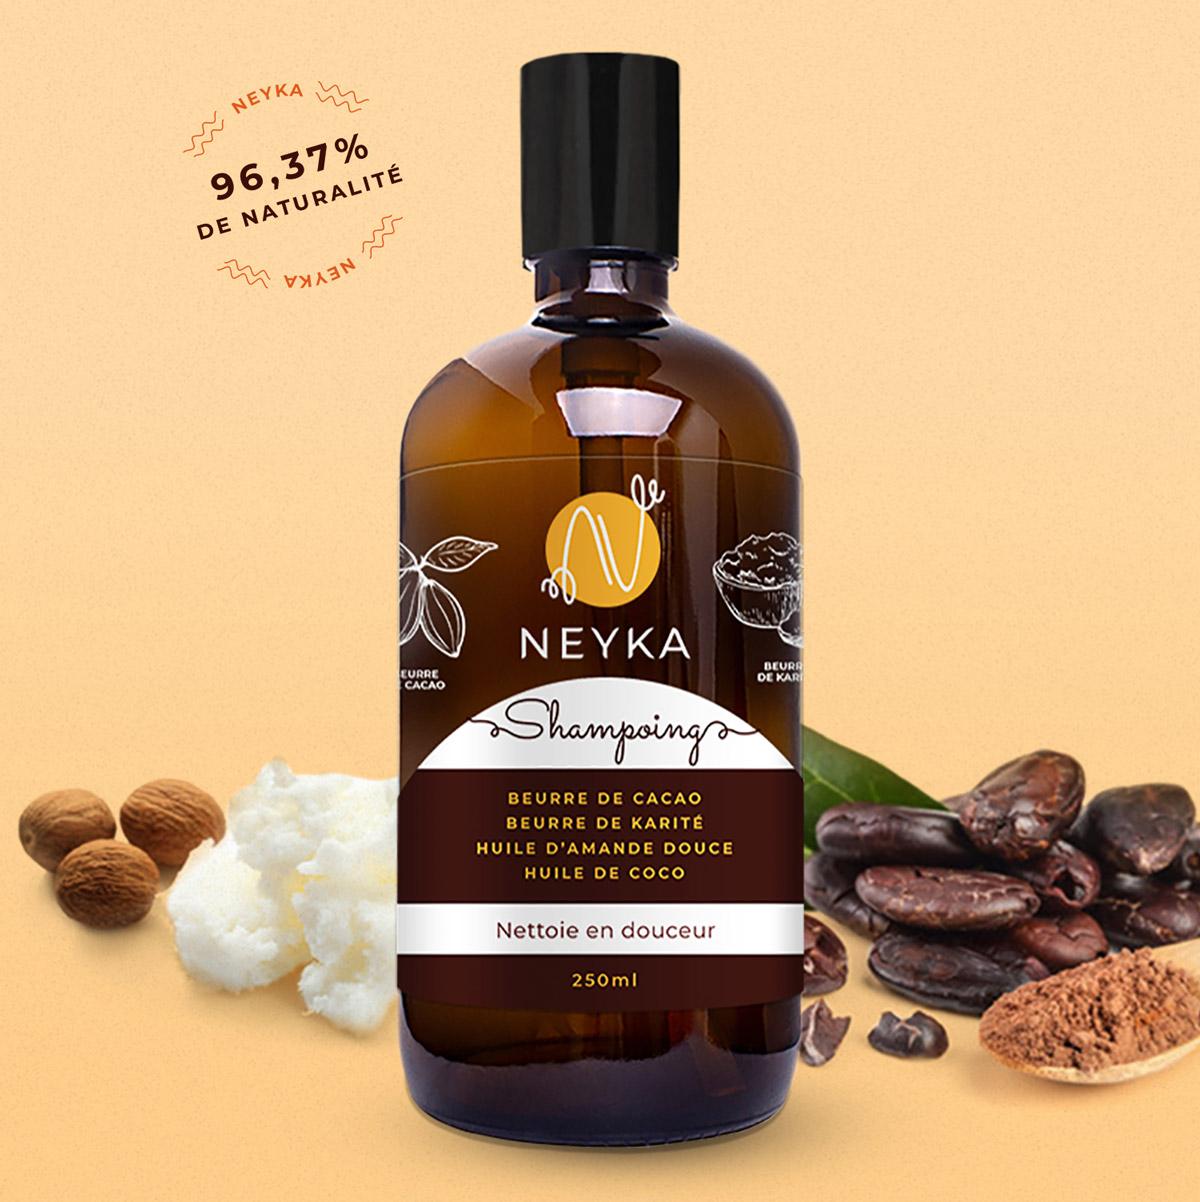 Shampoing Neyka